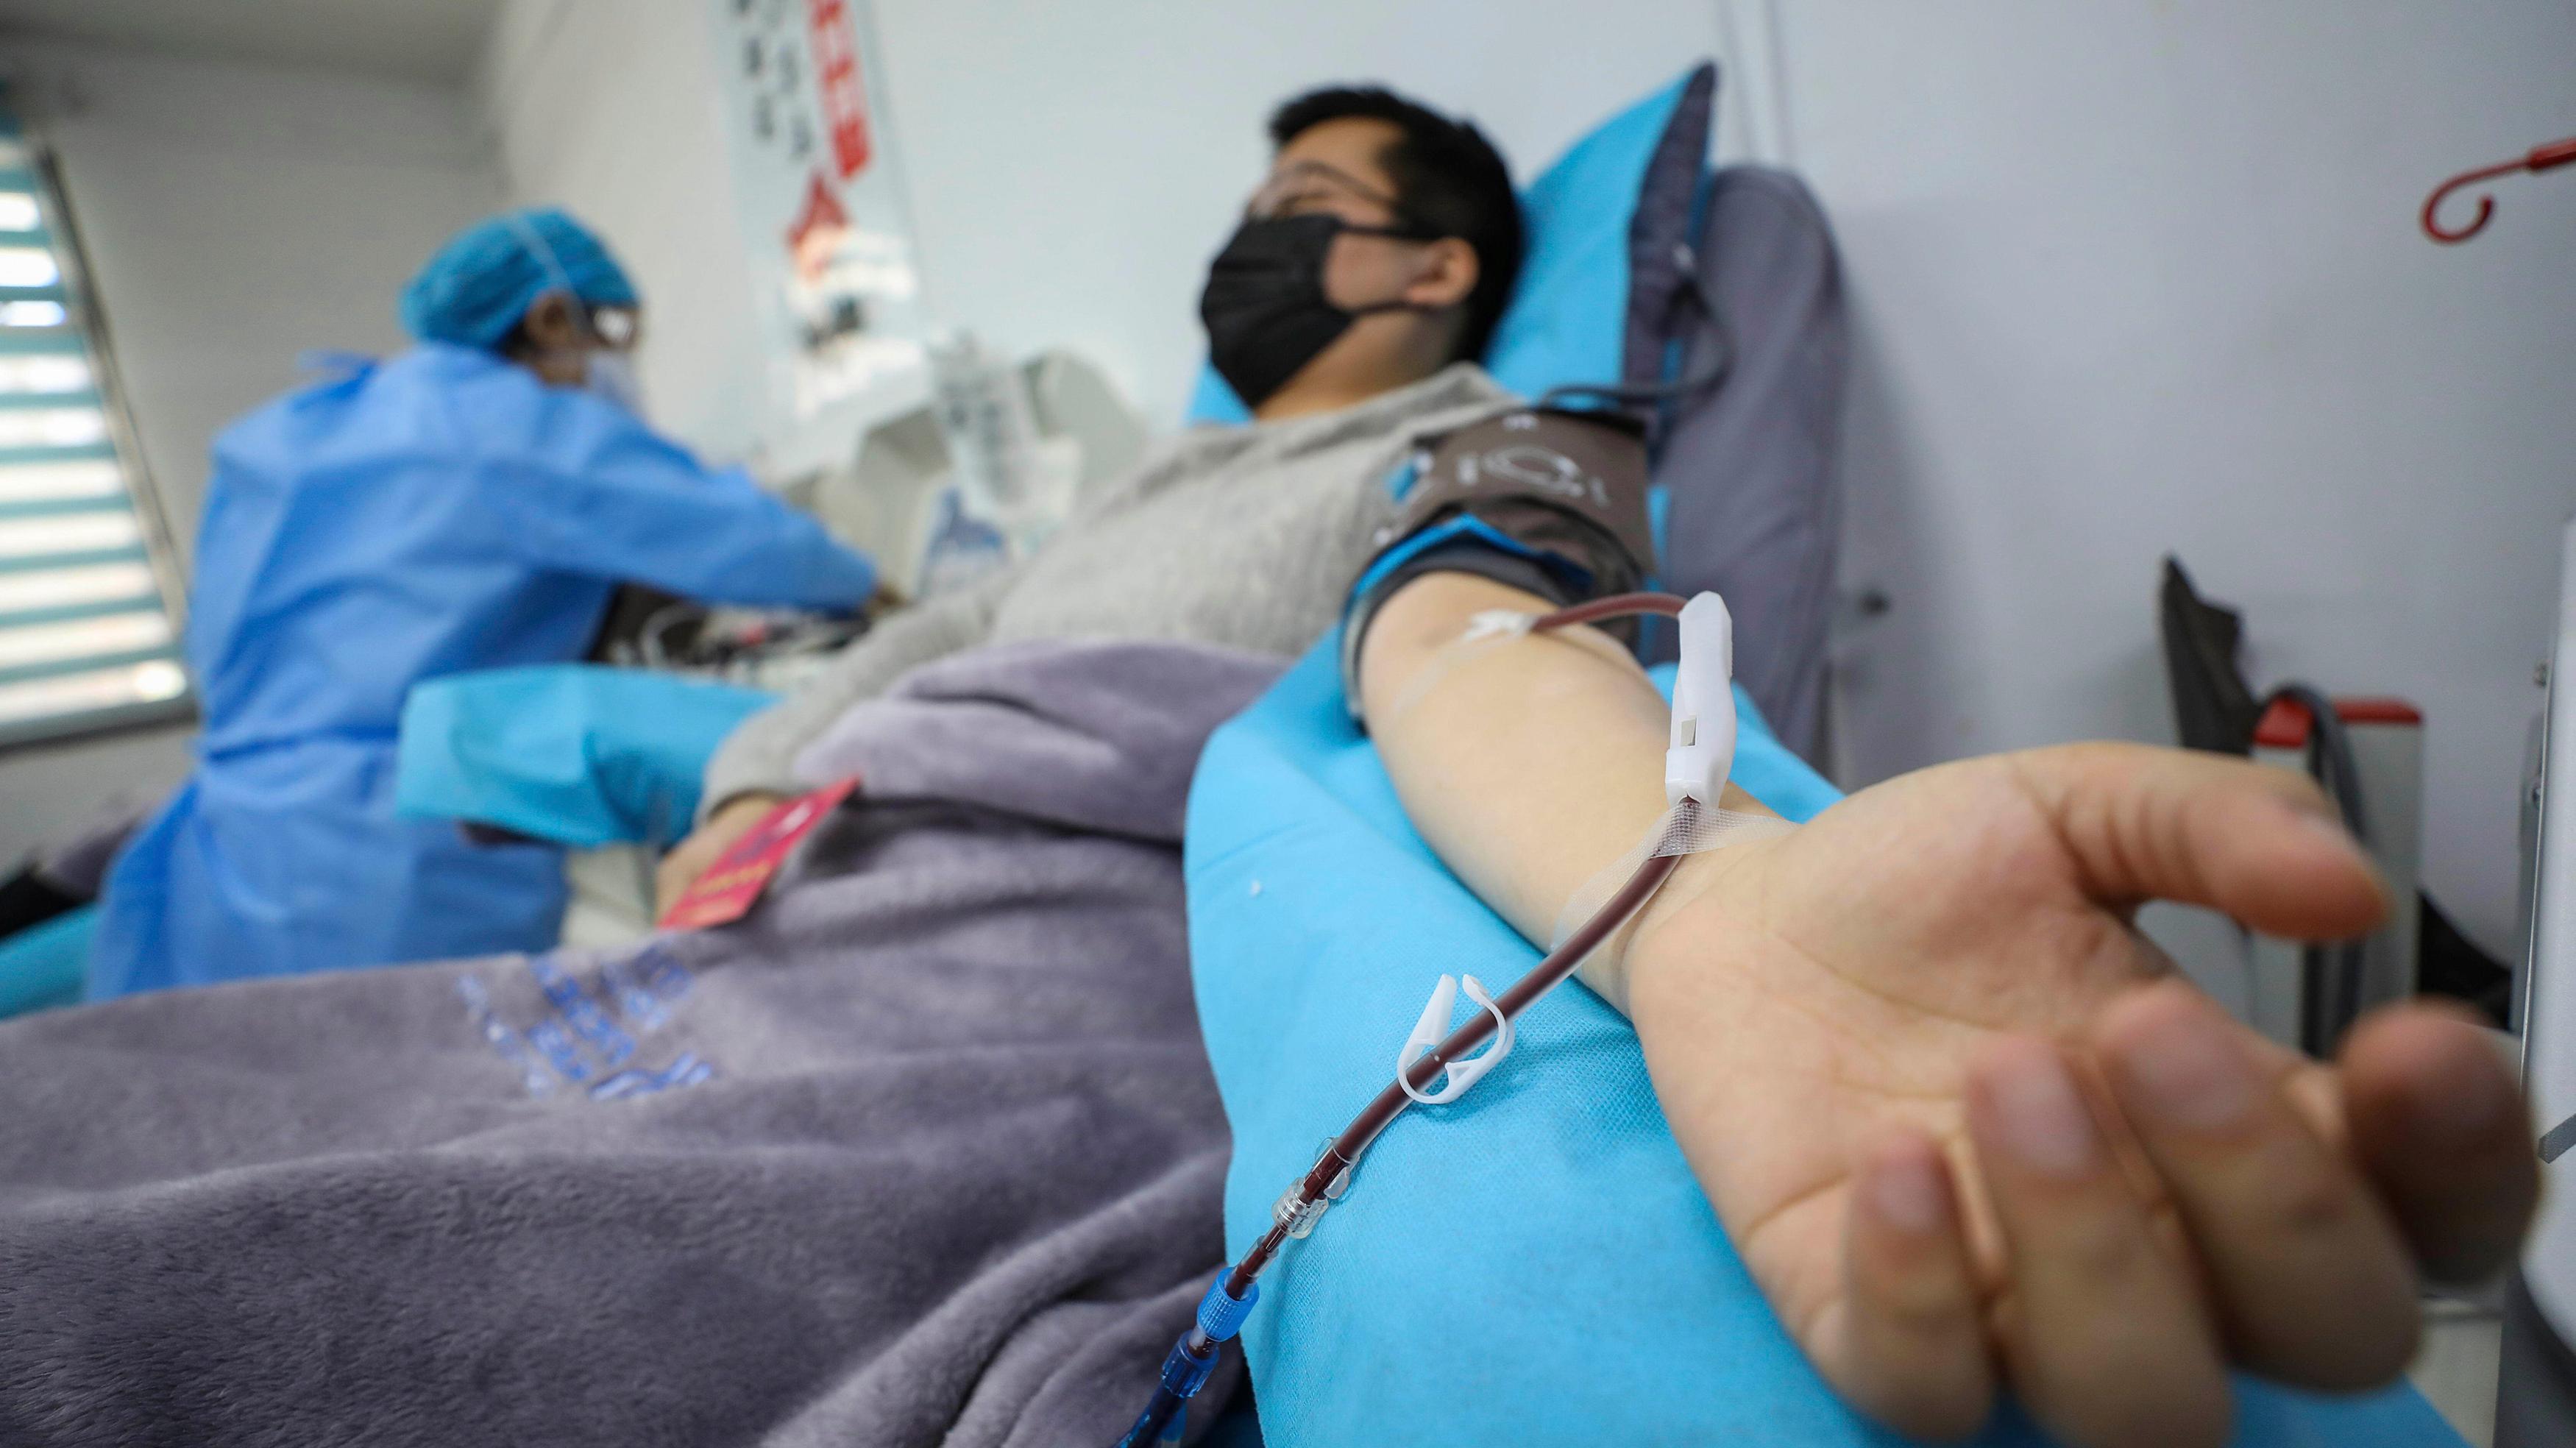 新型コロナ、回復患者の血漿が治療に役立つ可能性